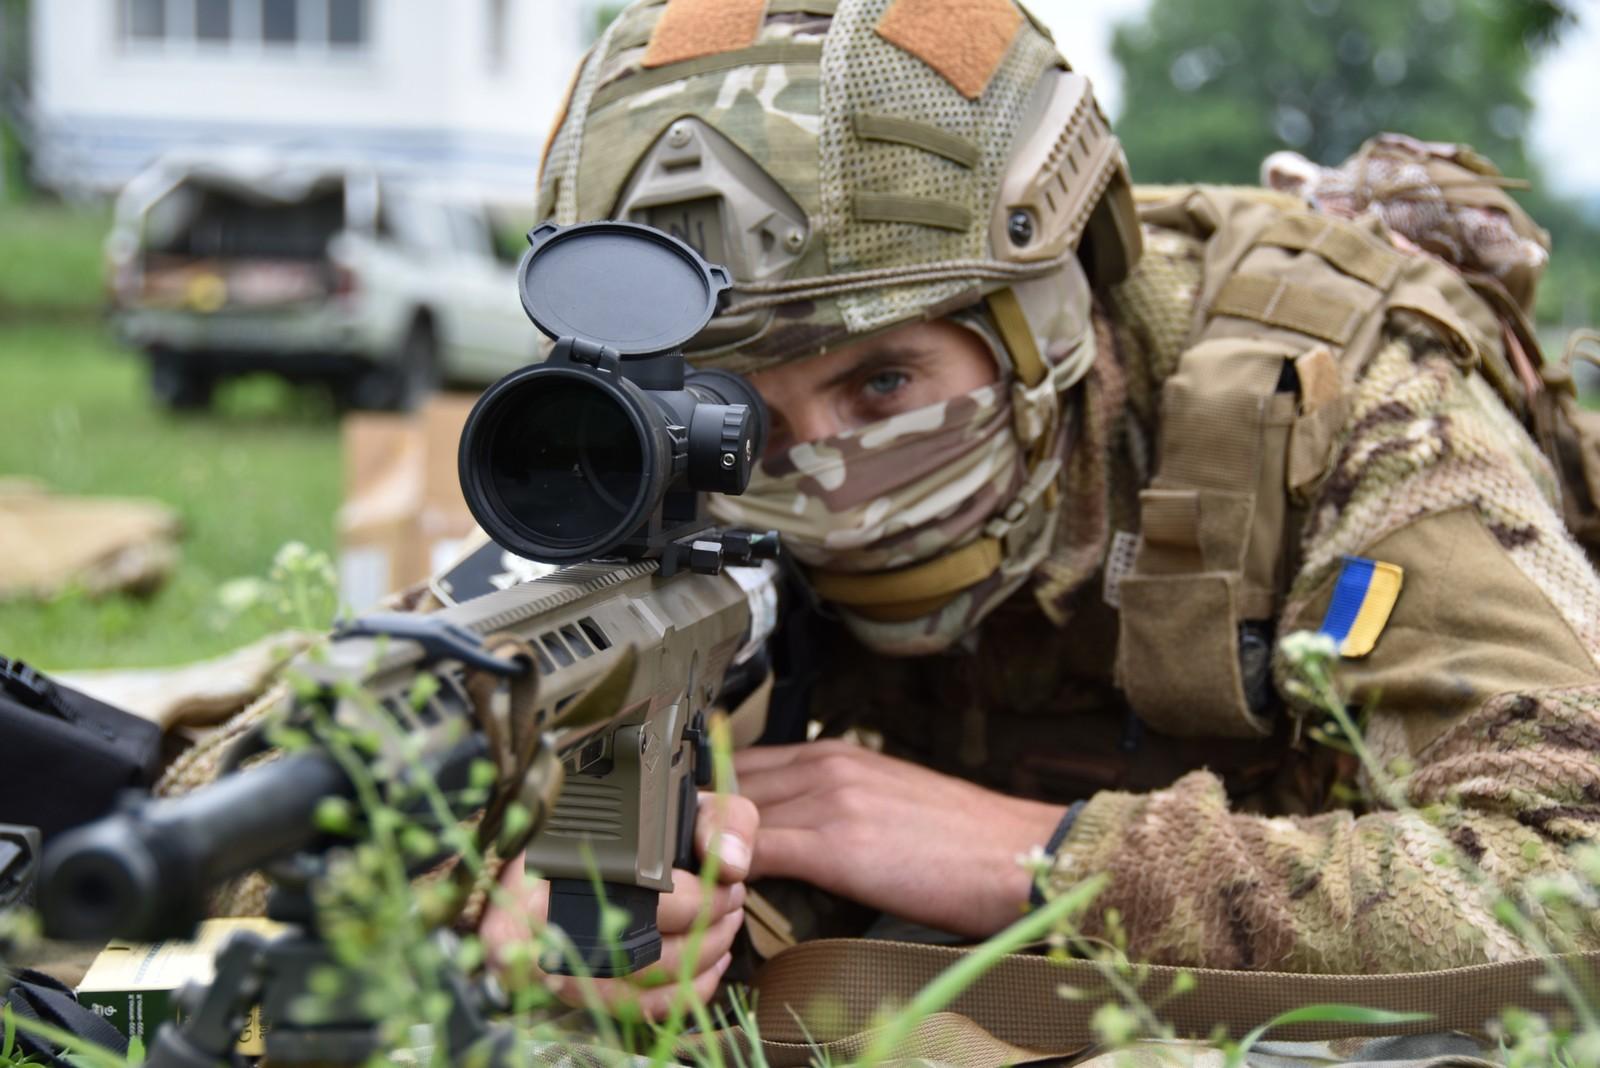 NPR: Коронавирус, санкции и ВСУ заставят Россию прекратить войну в Украине, победа уже близко